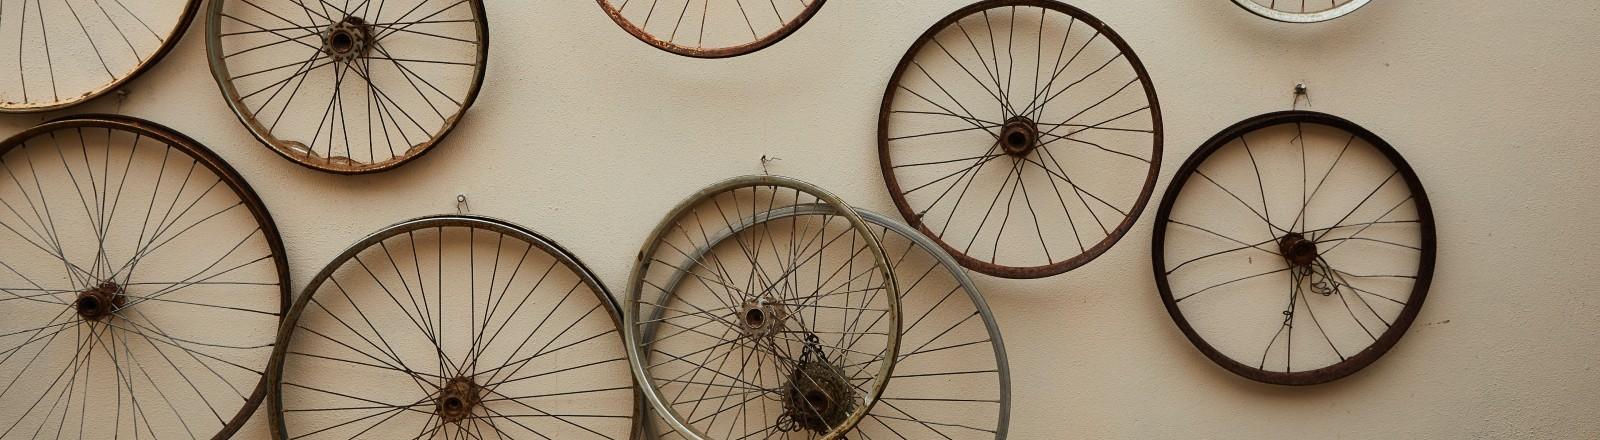 Alte Räder von Fahrrädern hängen an einer Wand